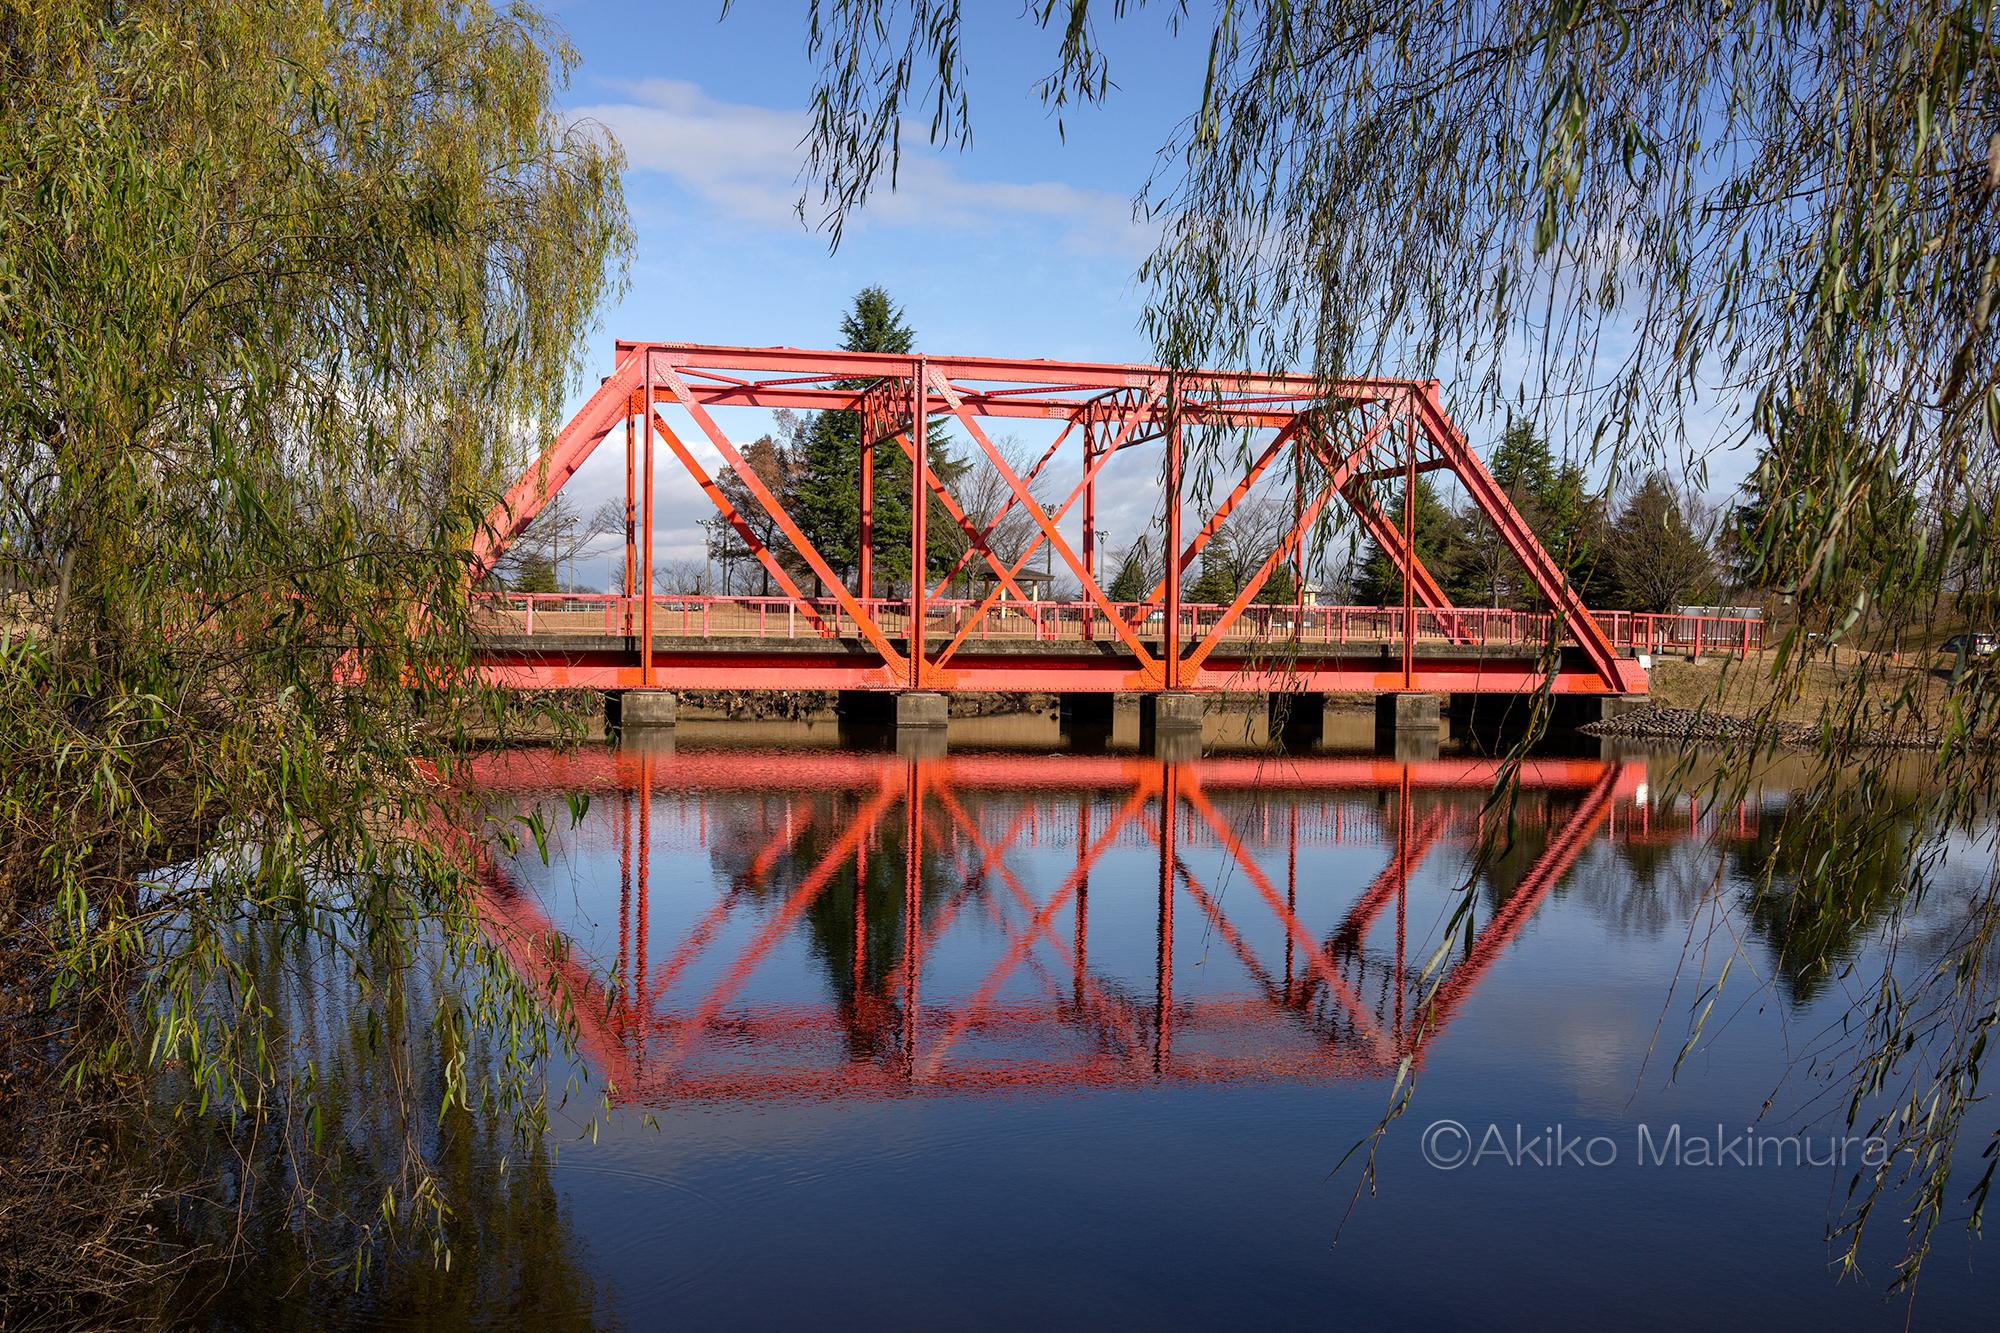 【2】鉄道橋から道路橋、そして保存橋へ 終の棲家をみつけた旧越路橋